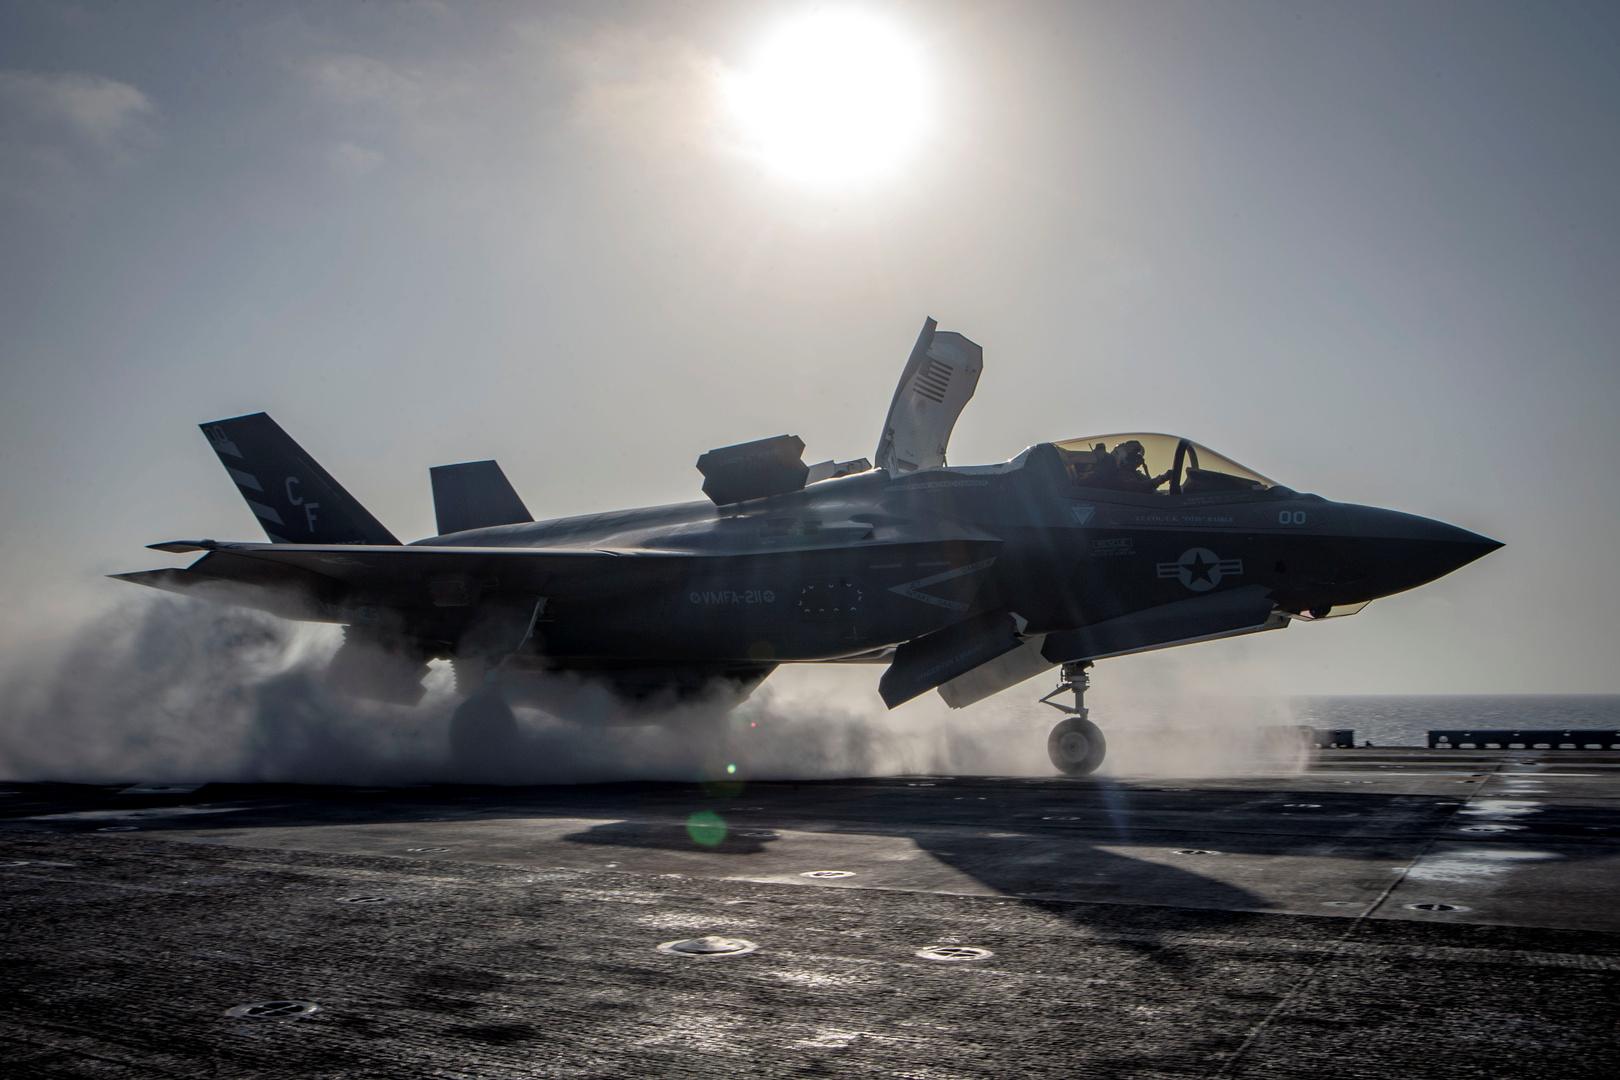 مسؤول إسرائيلي: التعاون العسكري مع دول الخليج أمر وارد مستقبلا